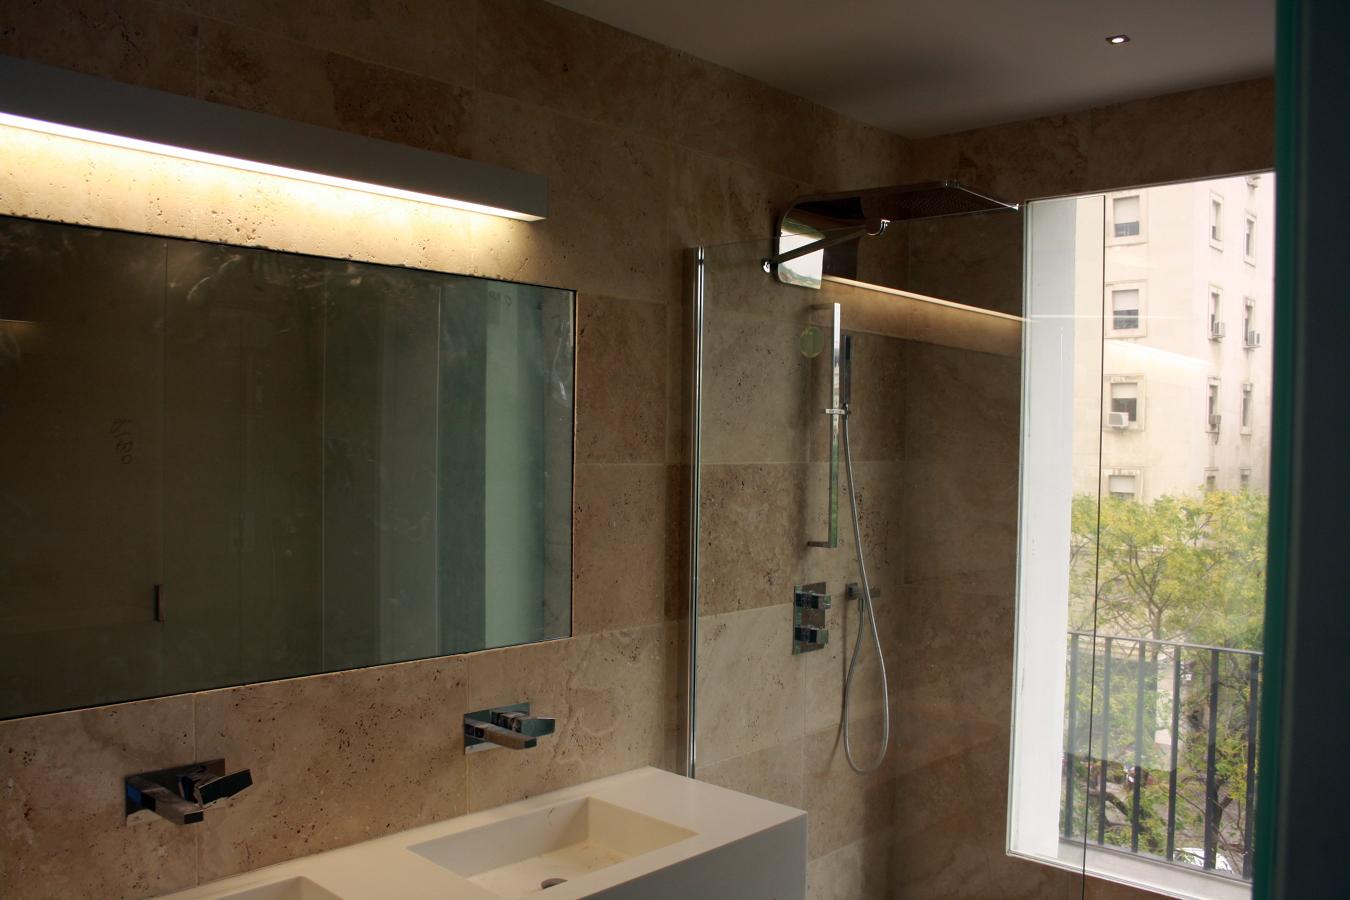 Foto interiorismo piso sevilla de disev arquitectura s l for Piso estudio sevilla